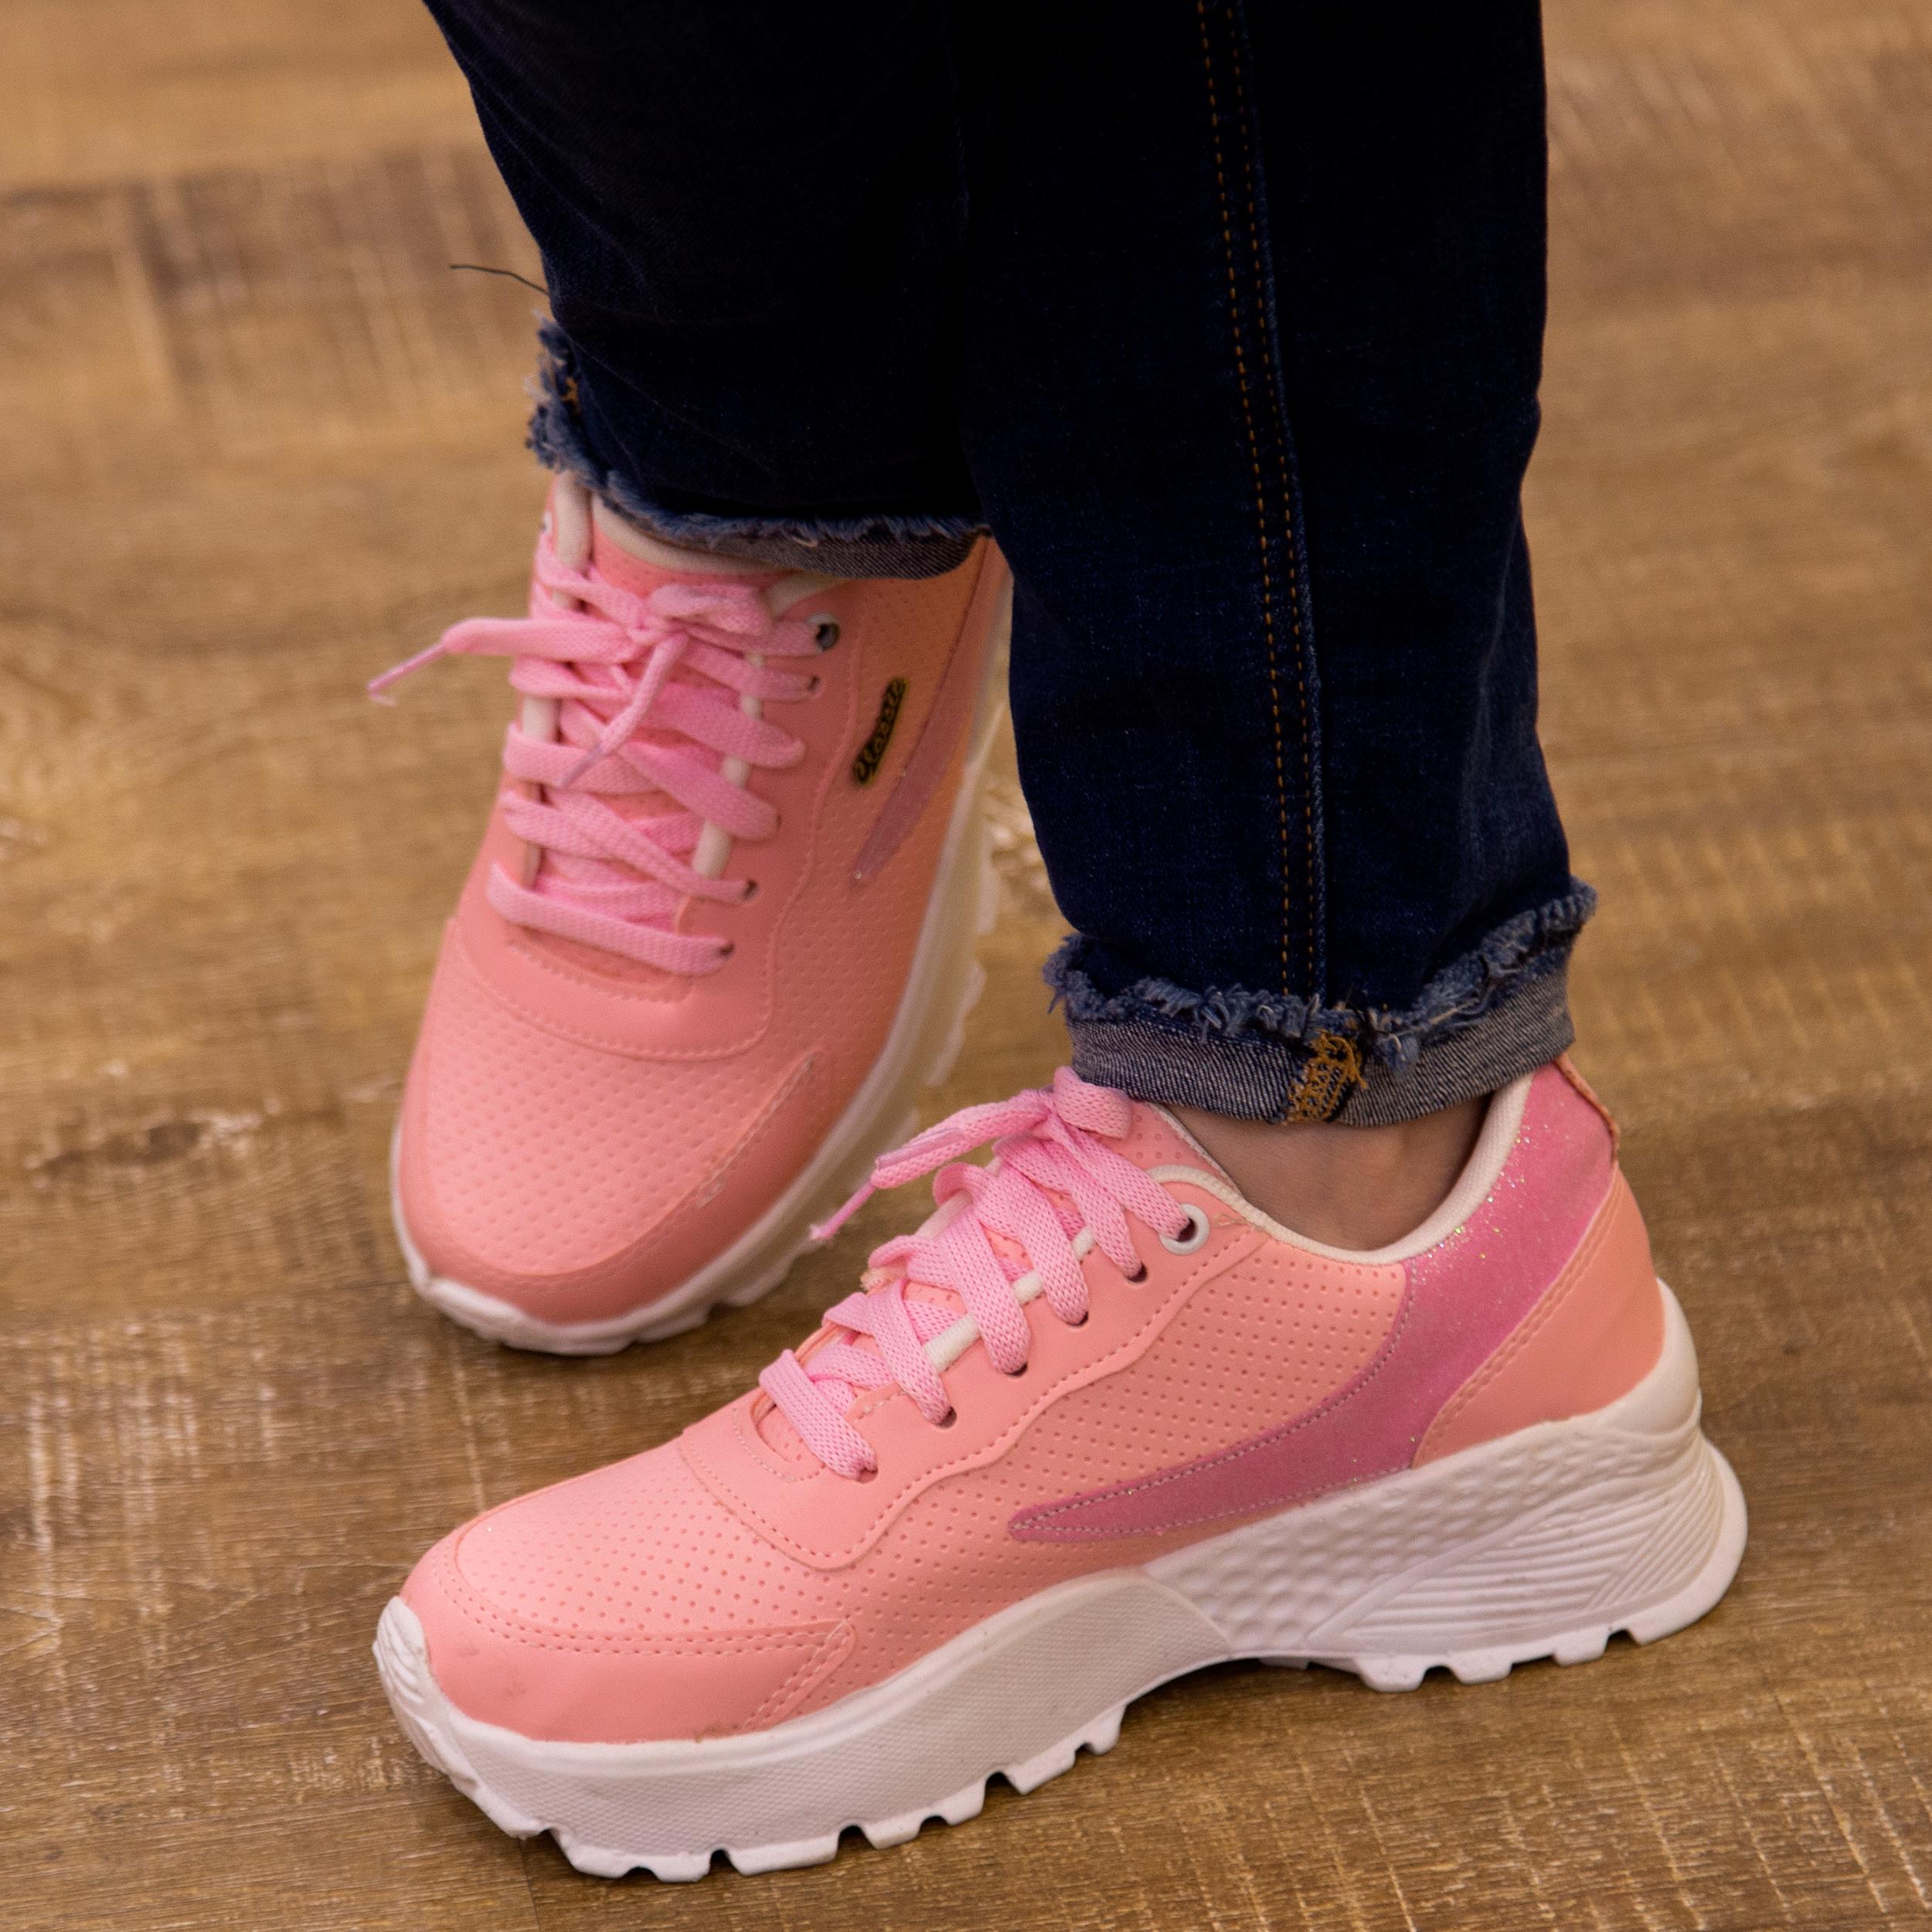 کفش مخصوص پیاده روی زنانه مدل CLS-PK main 1 5